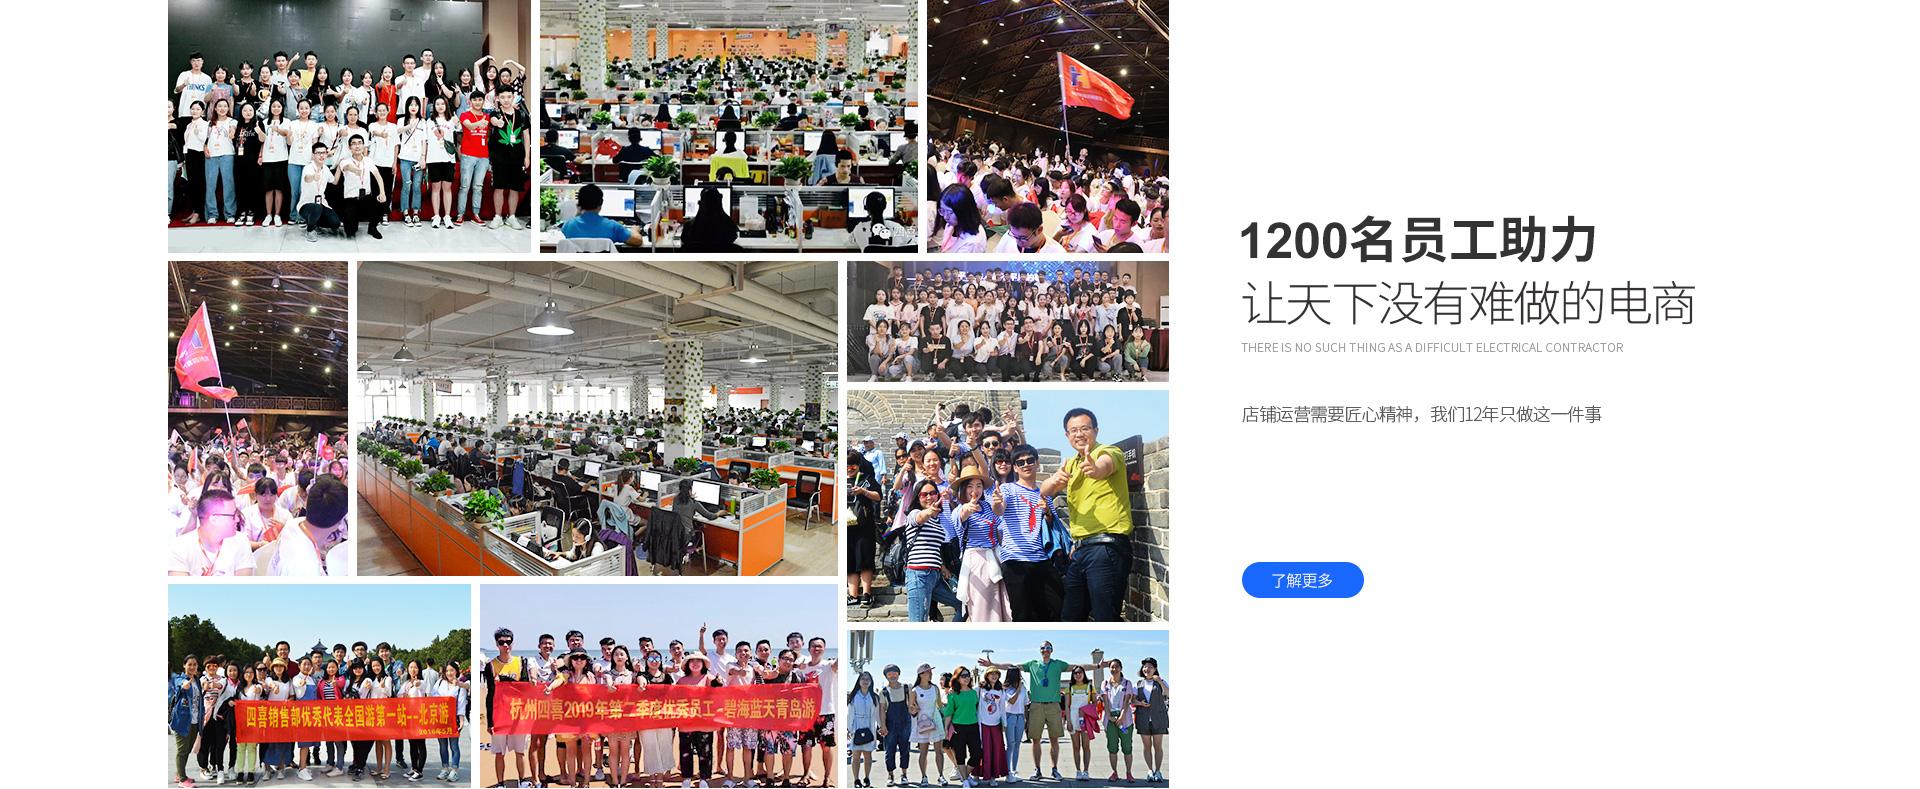 1200名员工助力